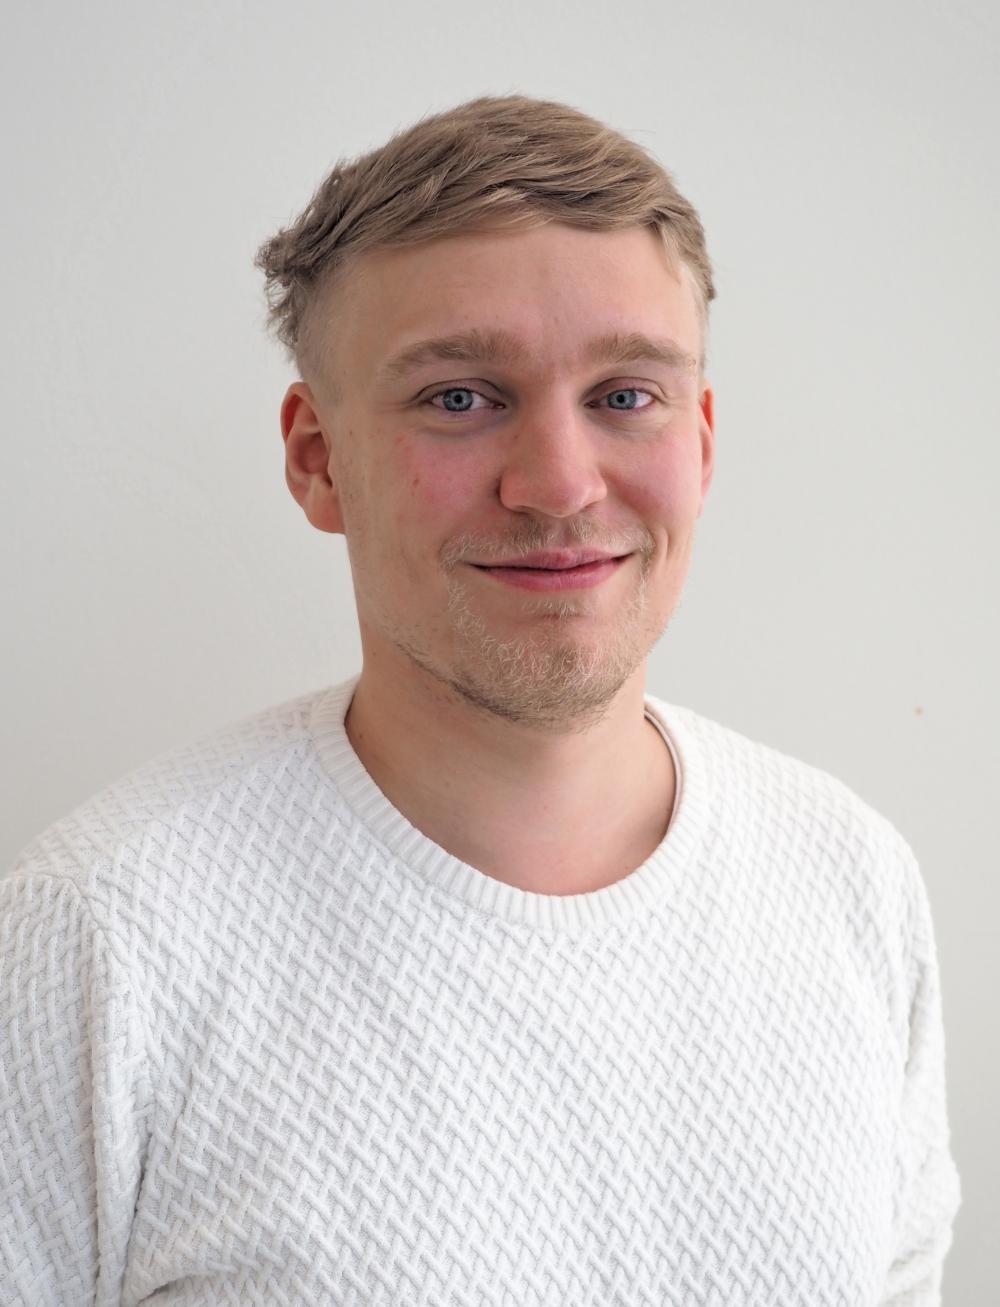 Tero Heikkilä